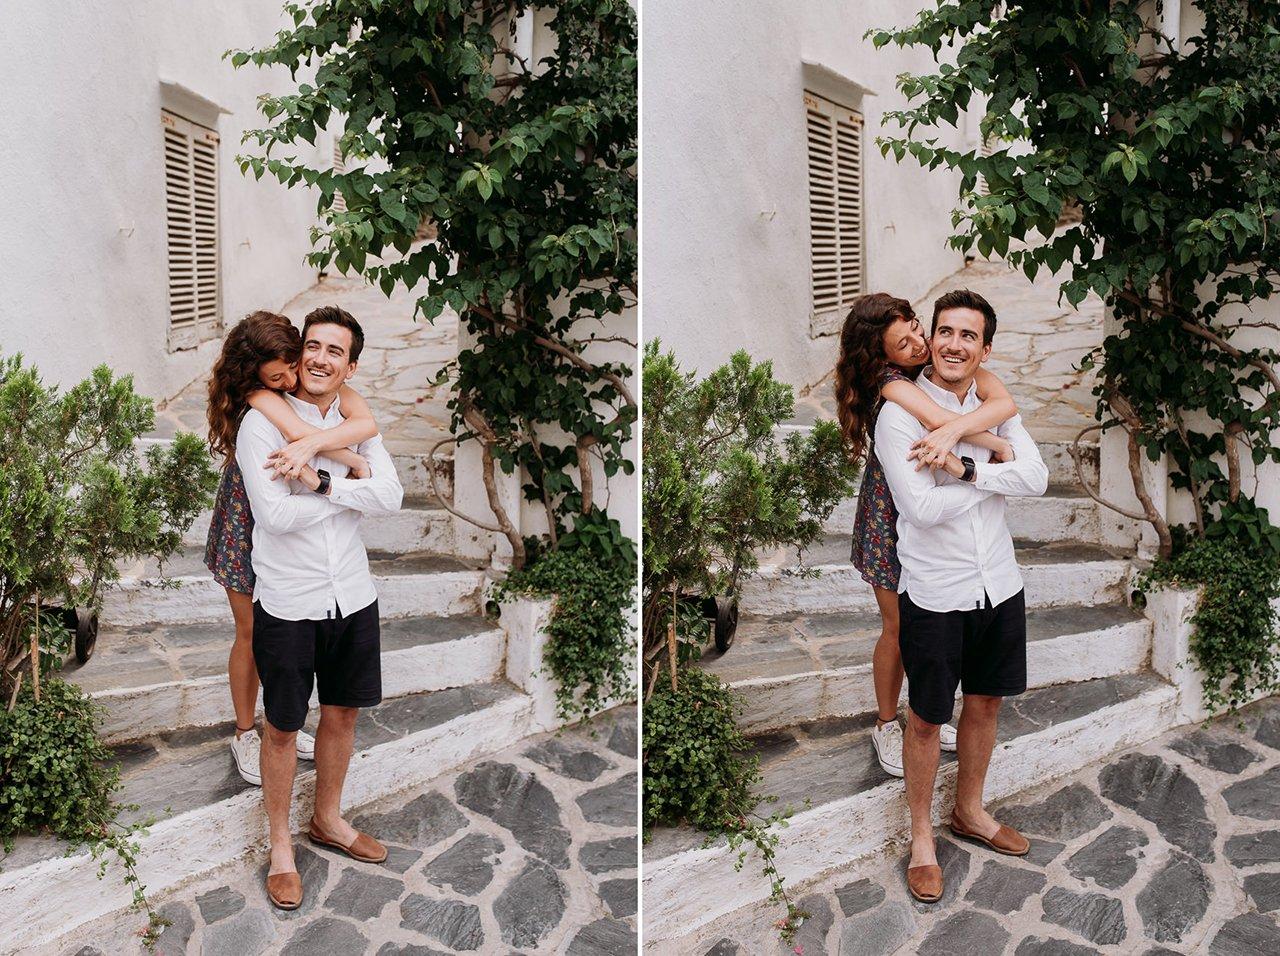 preboda en cadaques. Fotógrafo de bodas en Girona